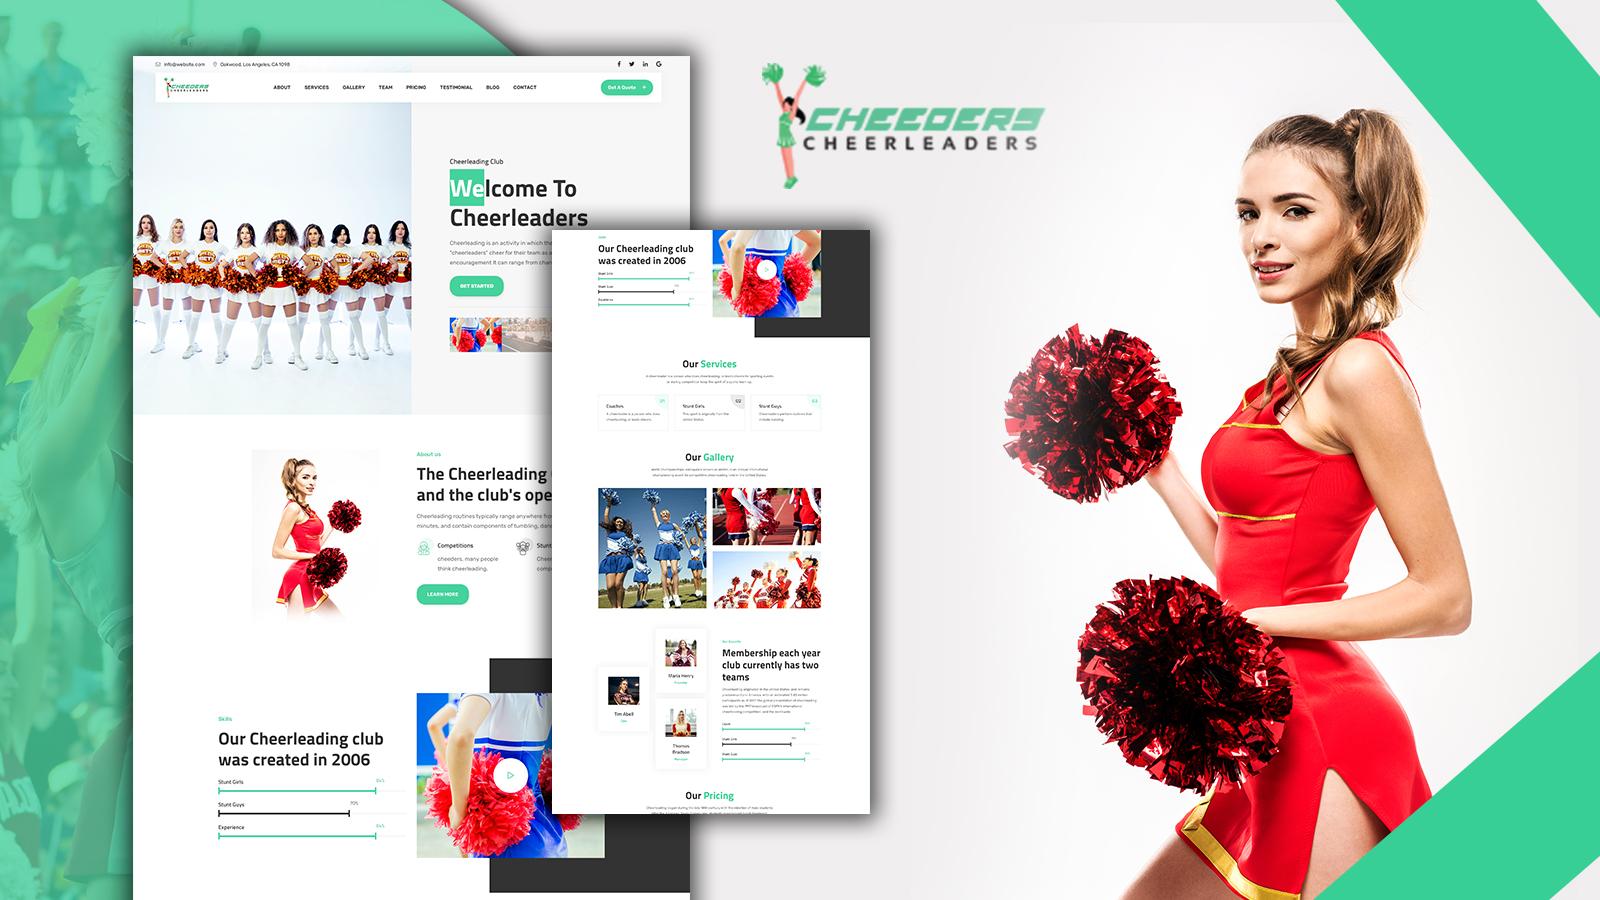 Cheeders Clean & Easy Cheerleaders Landing Page HTML5 Template